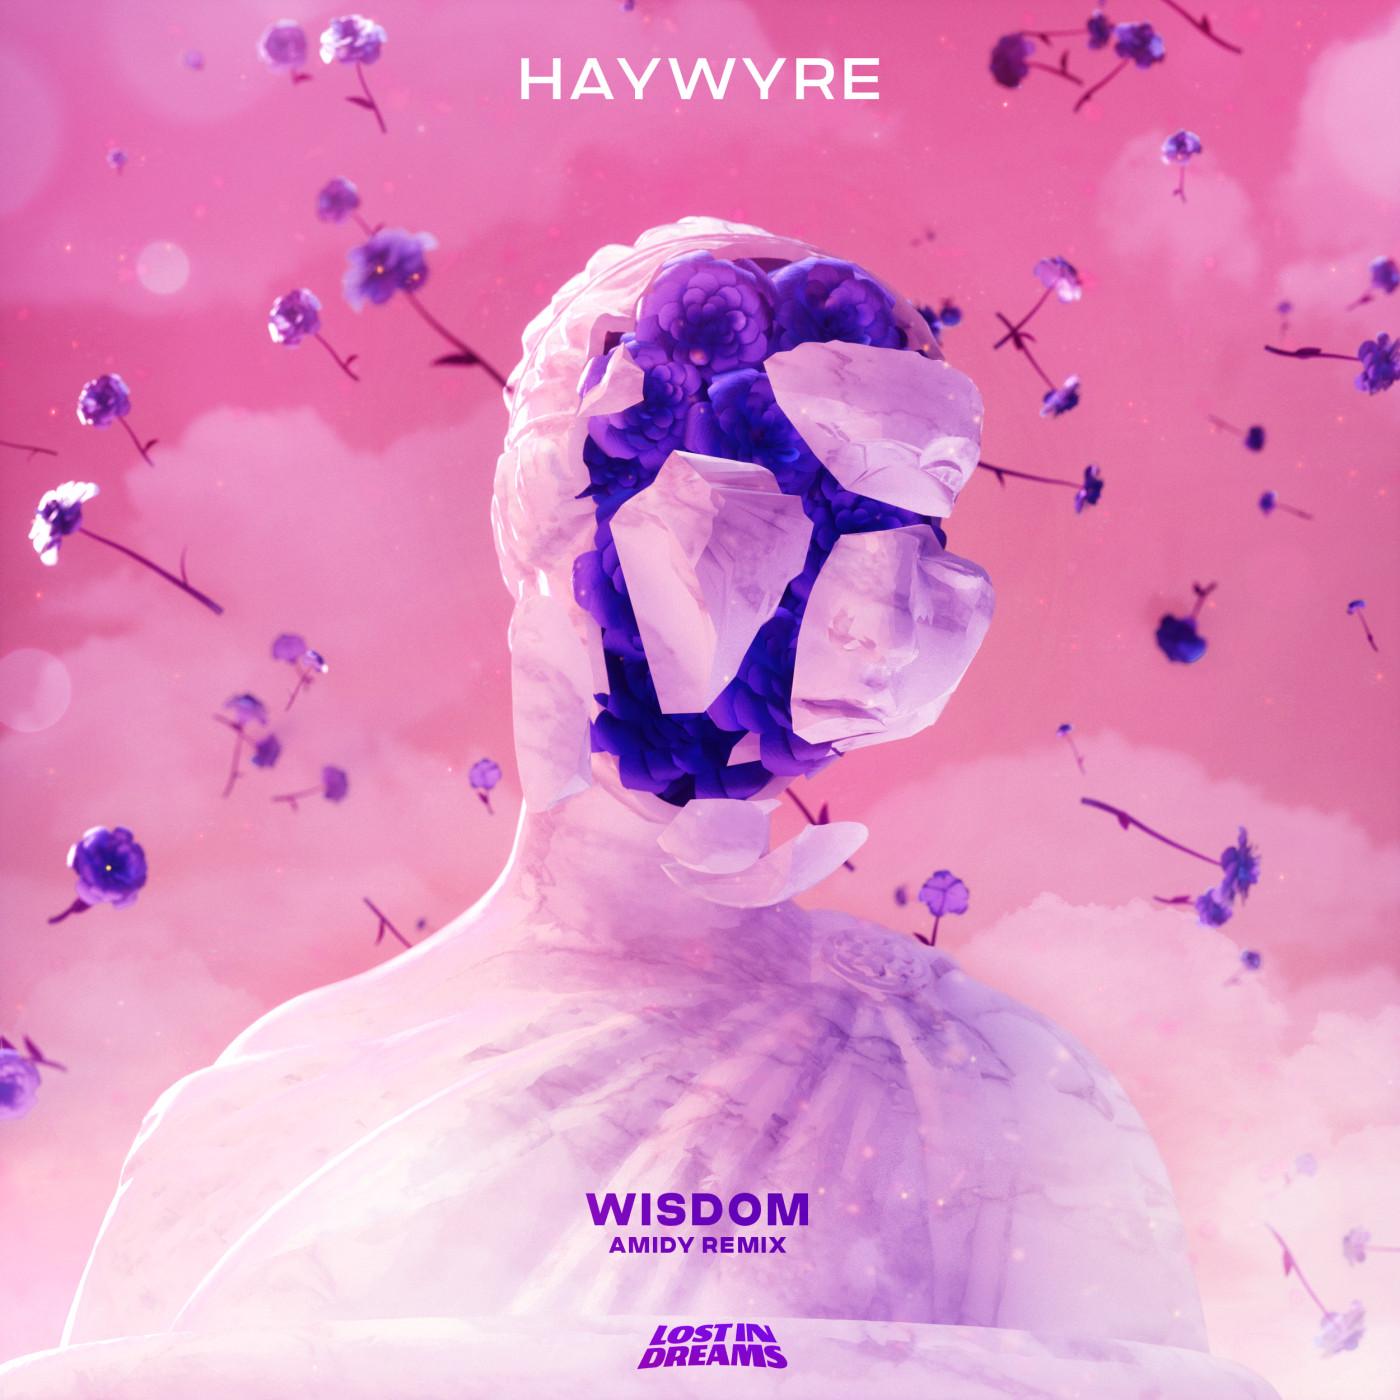 Haywyre - Wisdom (Amidy Remix)